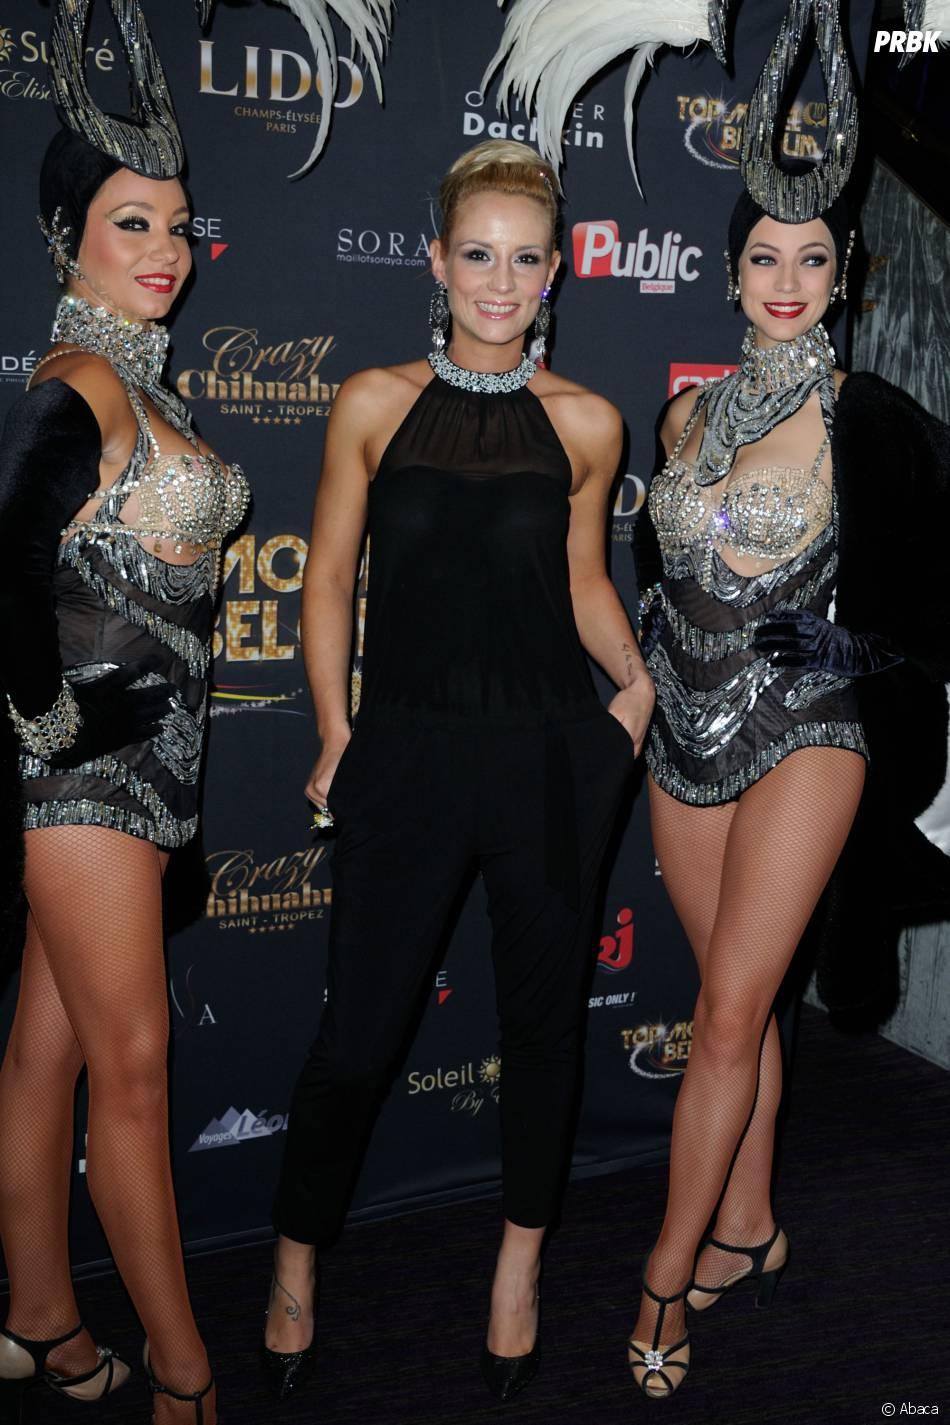 Elodie Gossuin prend la pose pour la finale de Top Model Belgium, le 23 novembre 2014 au Lido à Paris